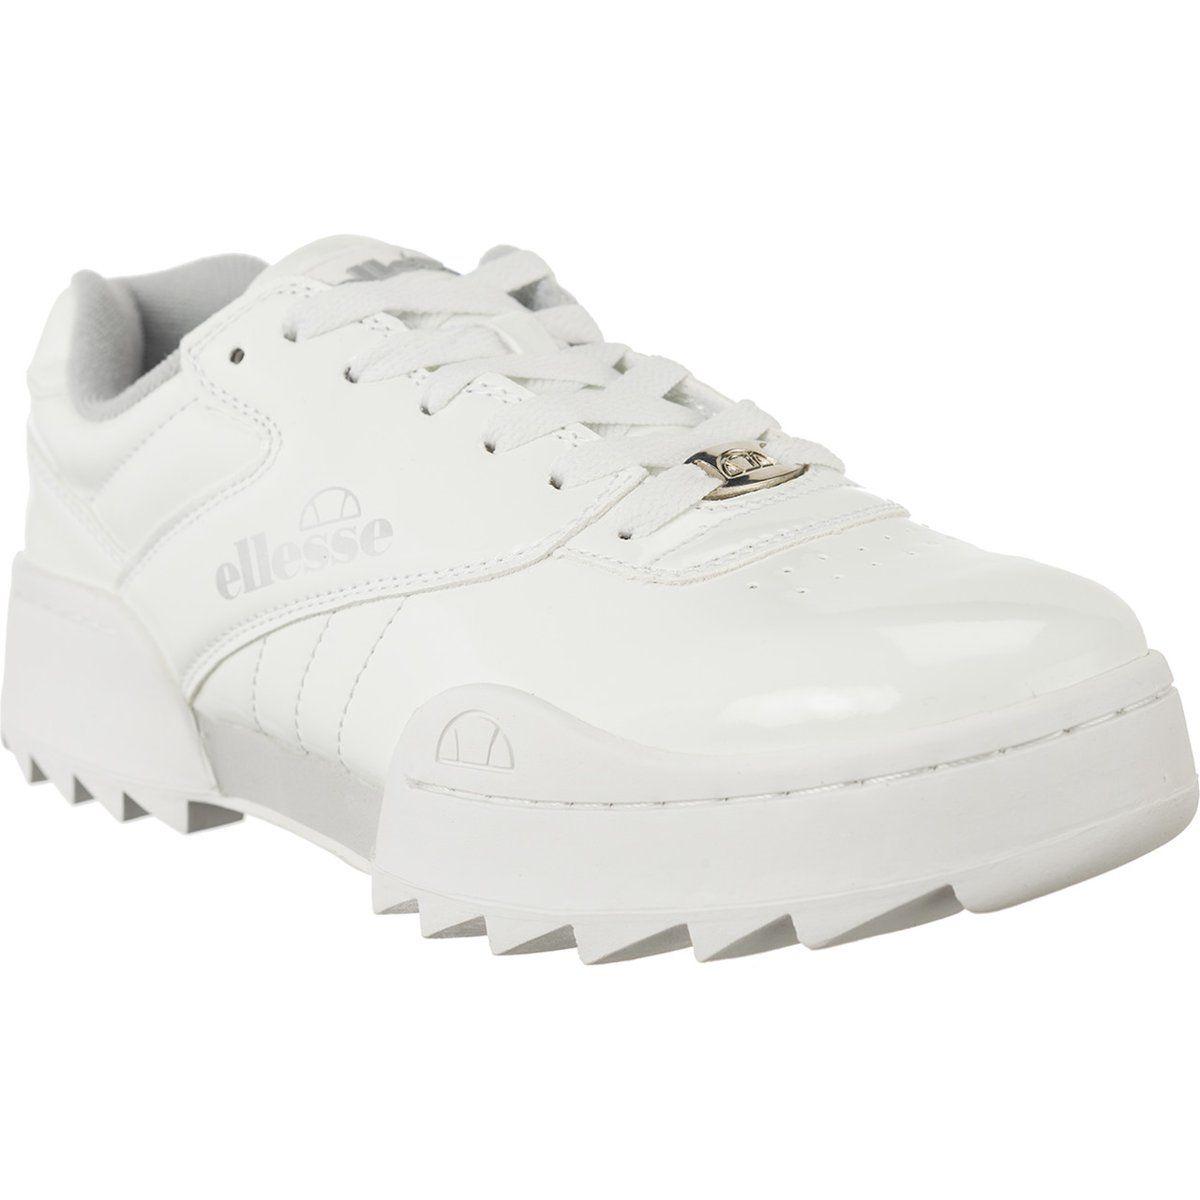 Sportowe Damskie Ellesse Ellesse Biale Plativo Sgfu0309 White Air Max Sneakers Sneakers Nike Nike Air Max